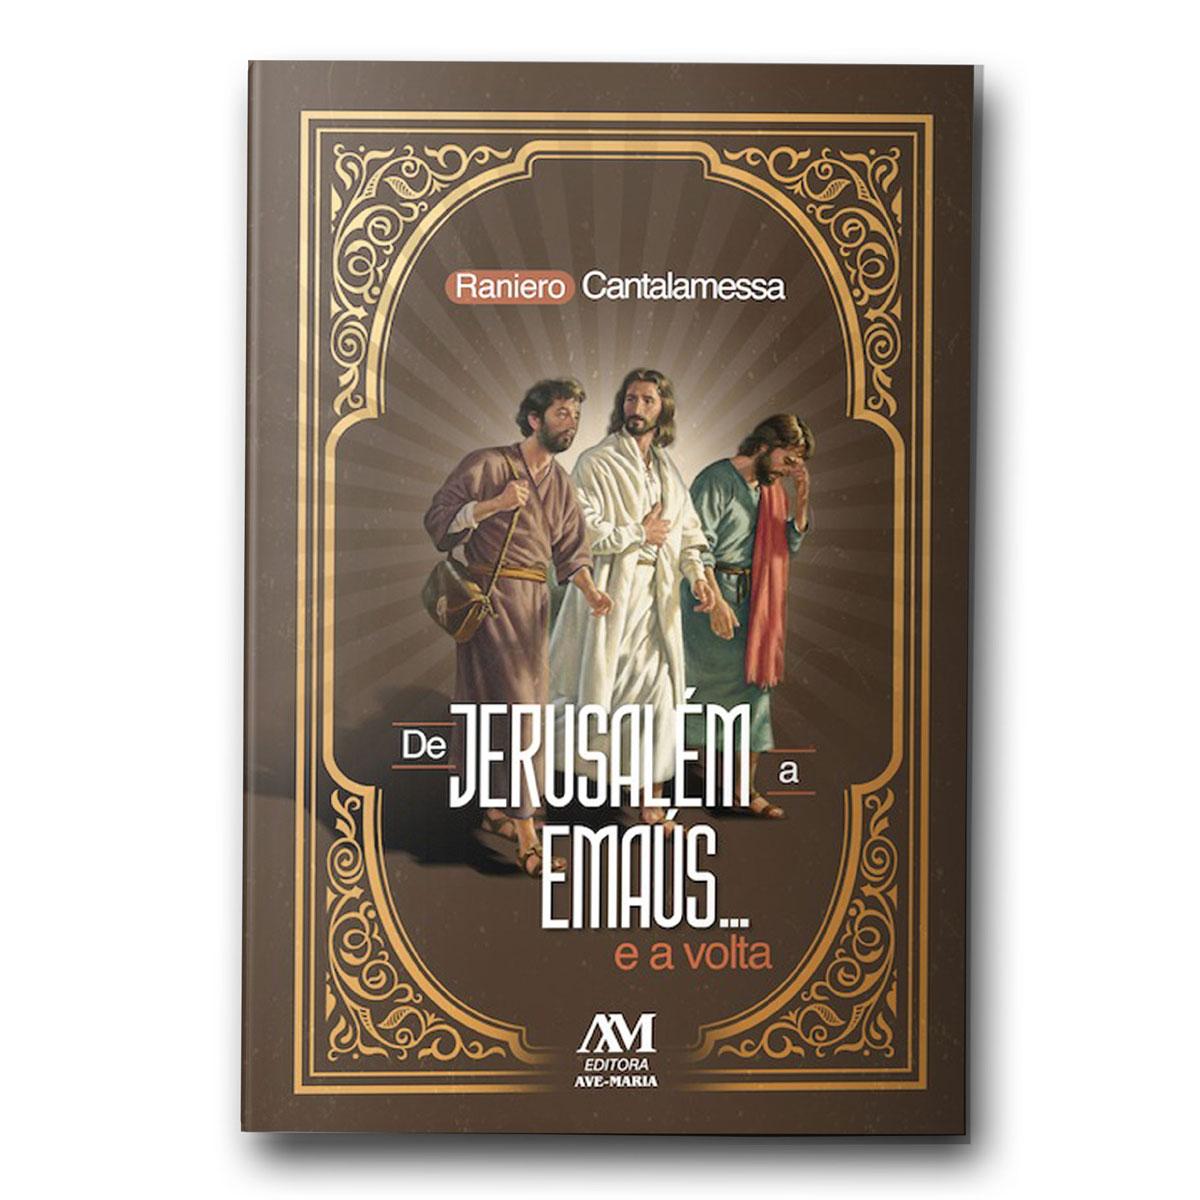 Livro de Jerusalém a Emaús... e a Volta